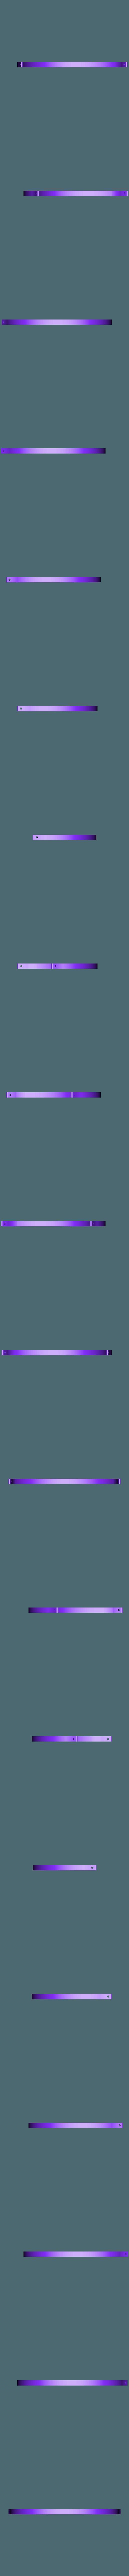 Brich.STL Download free STL file Covid Protector • 3D print object, cristopherbarriq